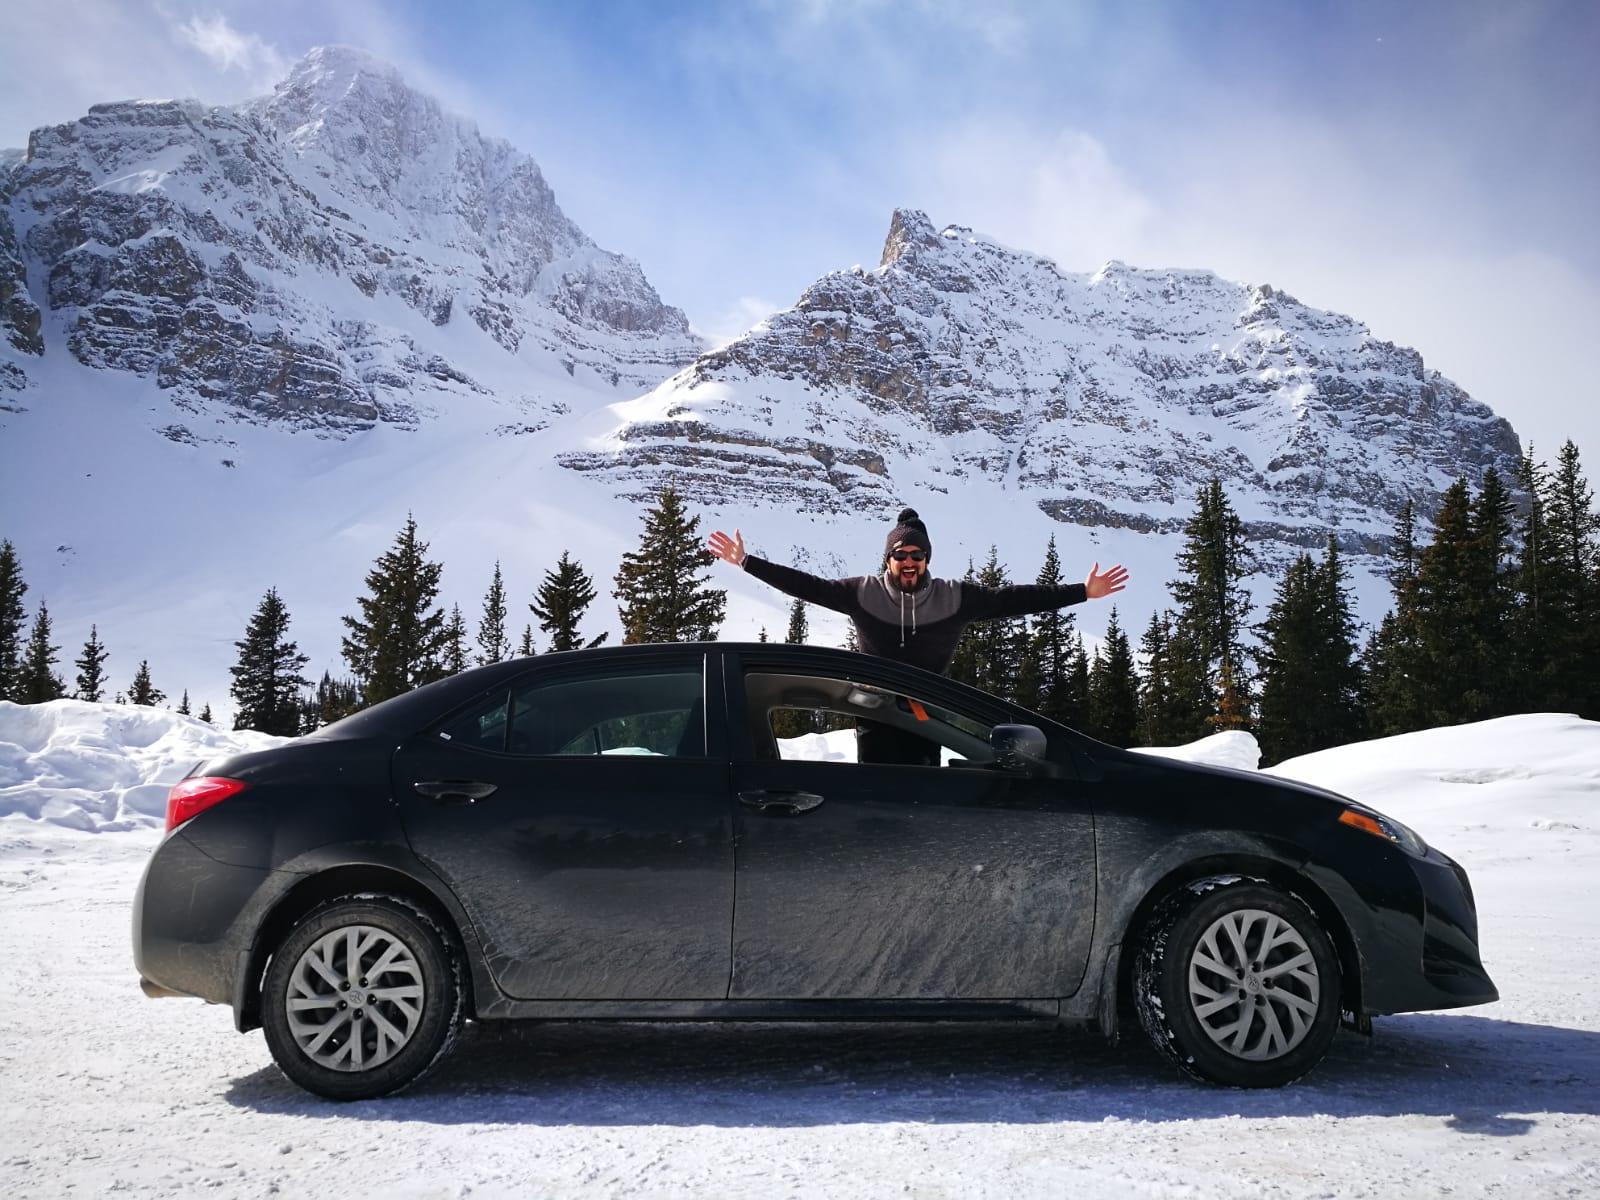 Nuestro coche en las Montanas Rocosas